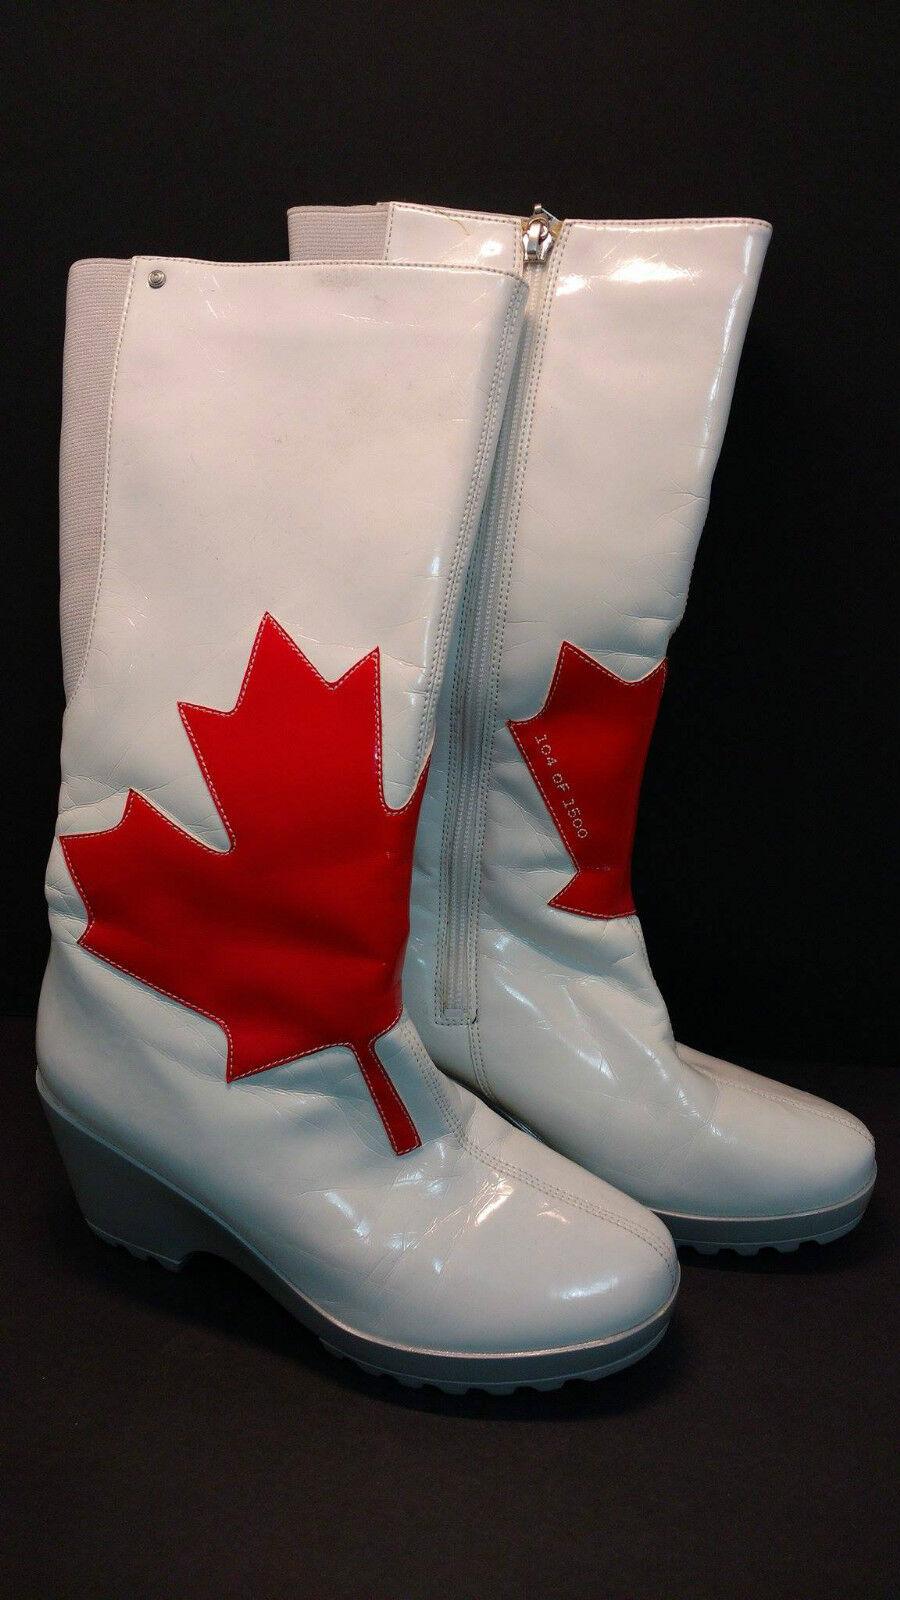 ROCKPORT LIMITED EDITION 'LORRAINE' Weiß Patent Rain Stiefel Größe 6M